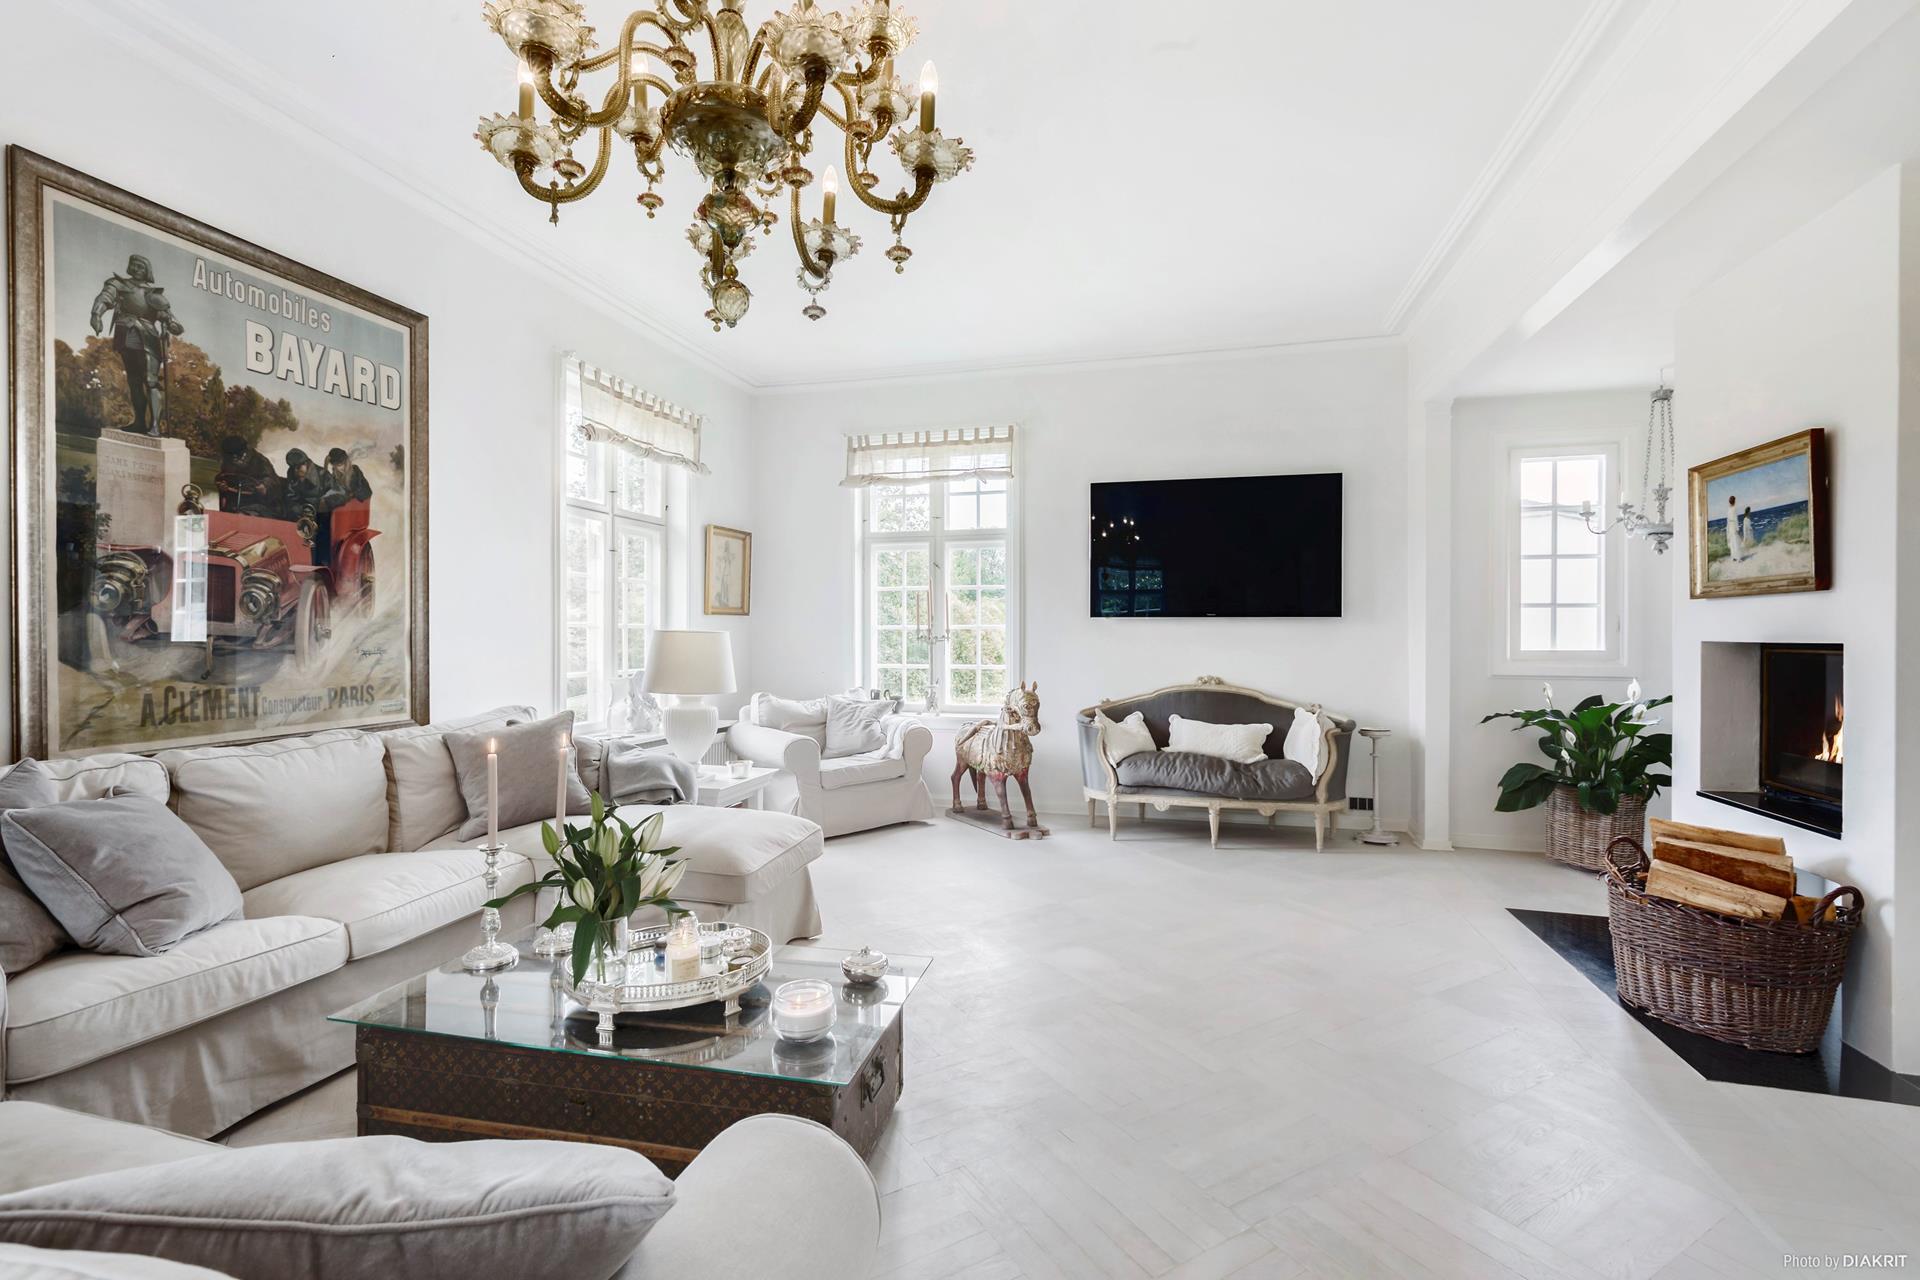 гостиная мягкая мебель кушетка телевизор камин корзина окно люстра